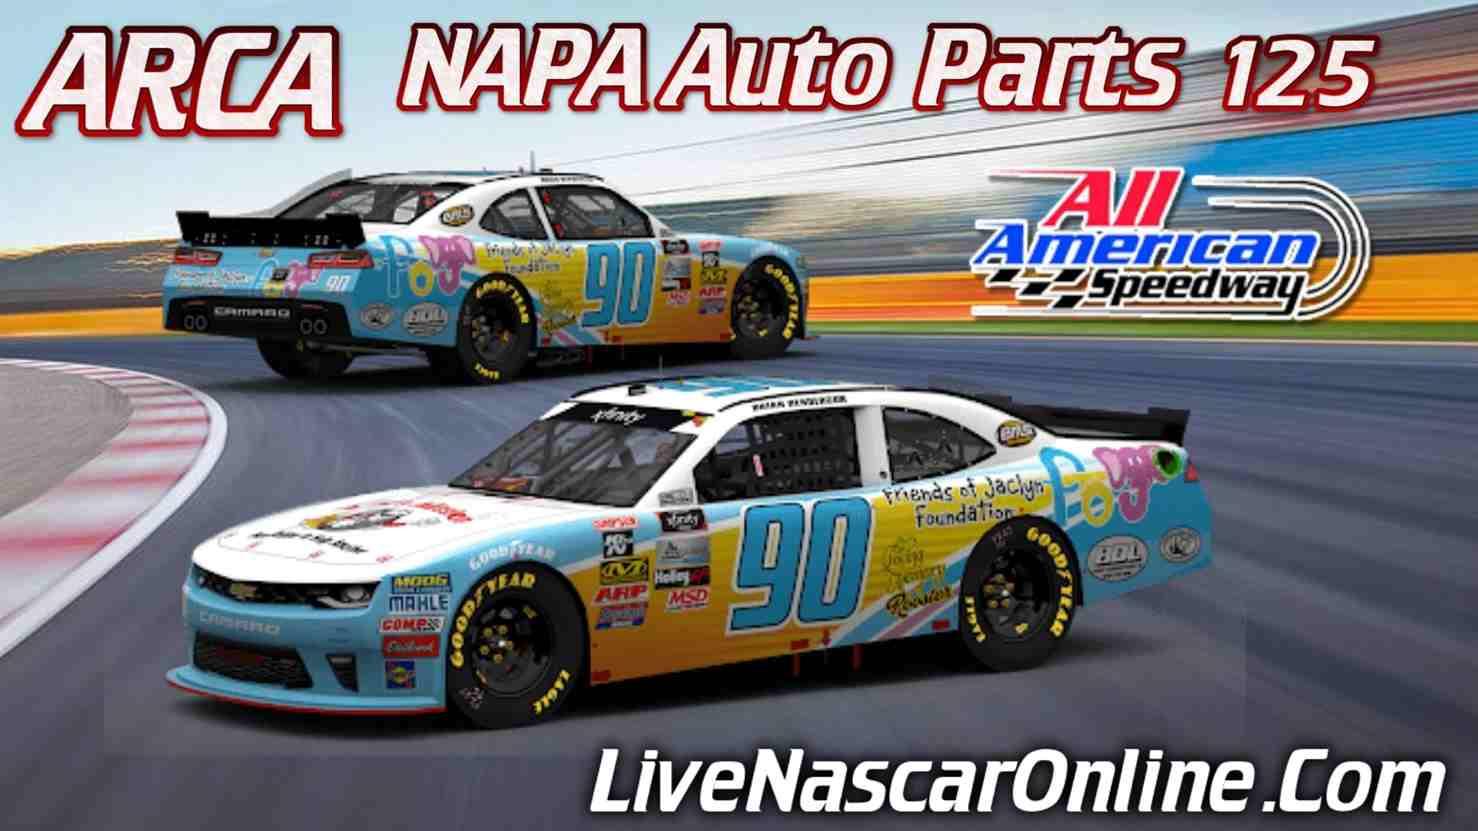 NAPA AUTO PARTS 125 Live Stream